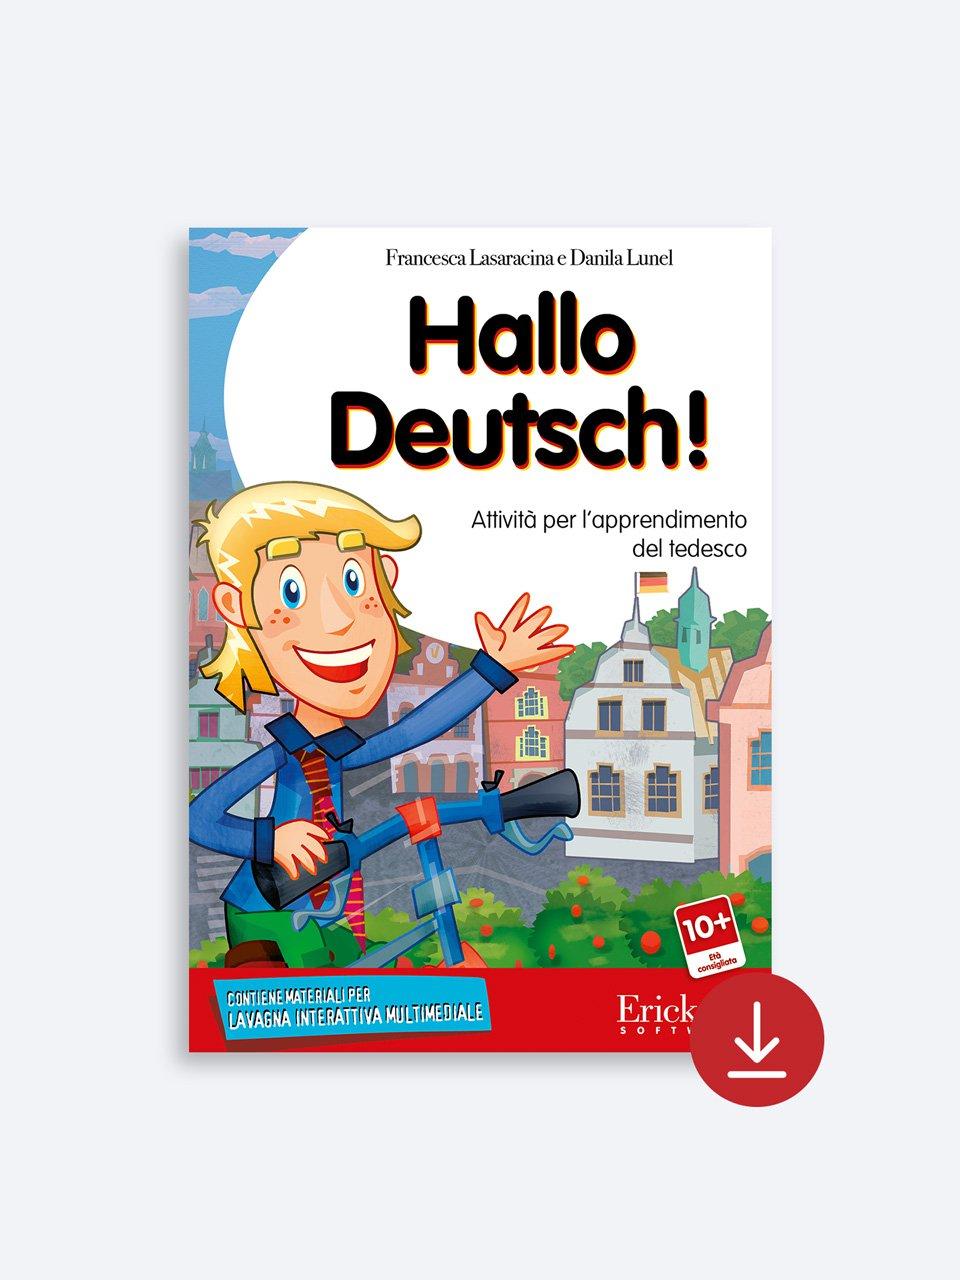 Hallo Deutsch! - My First Word Games - App e software - Erickson